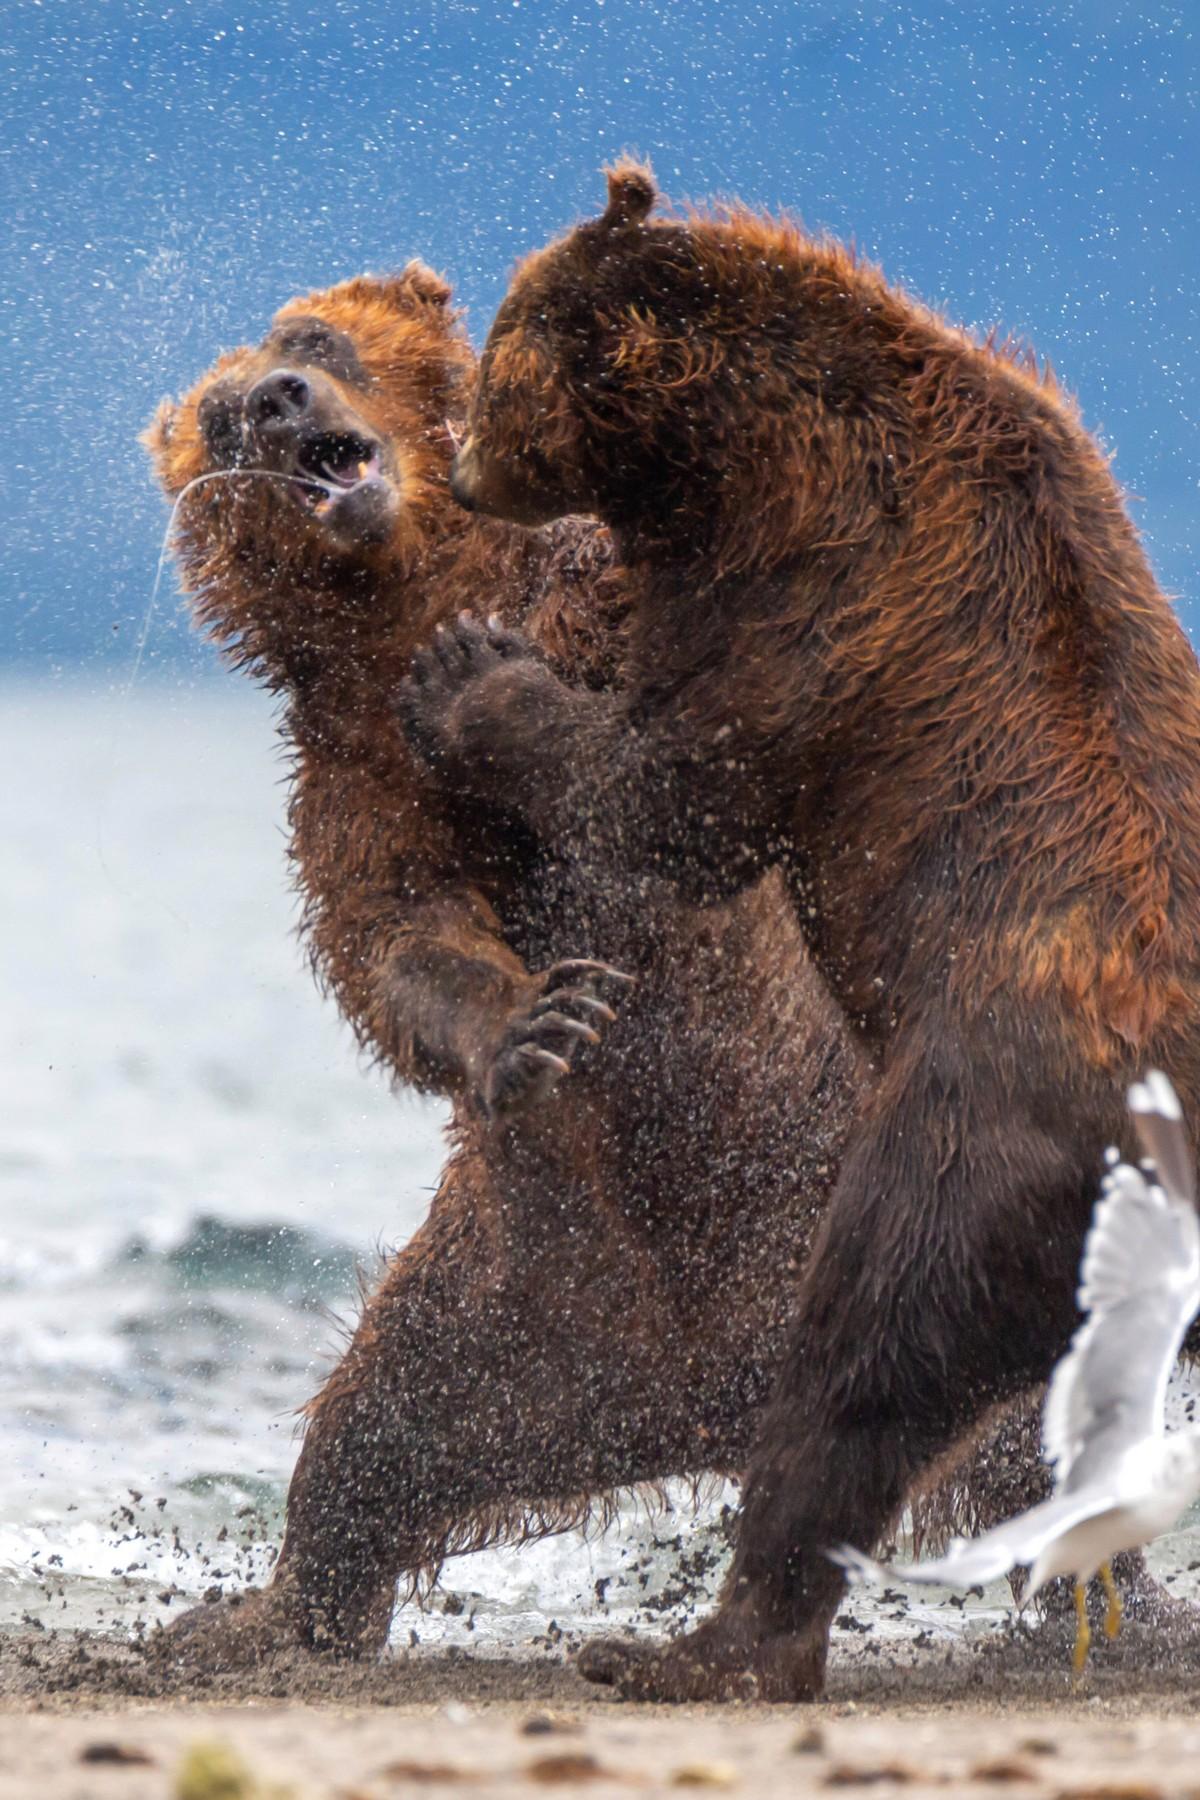 Агрессивный самец решил напасть на медвежат, но на защиту встала их мать